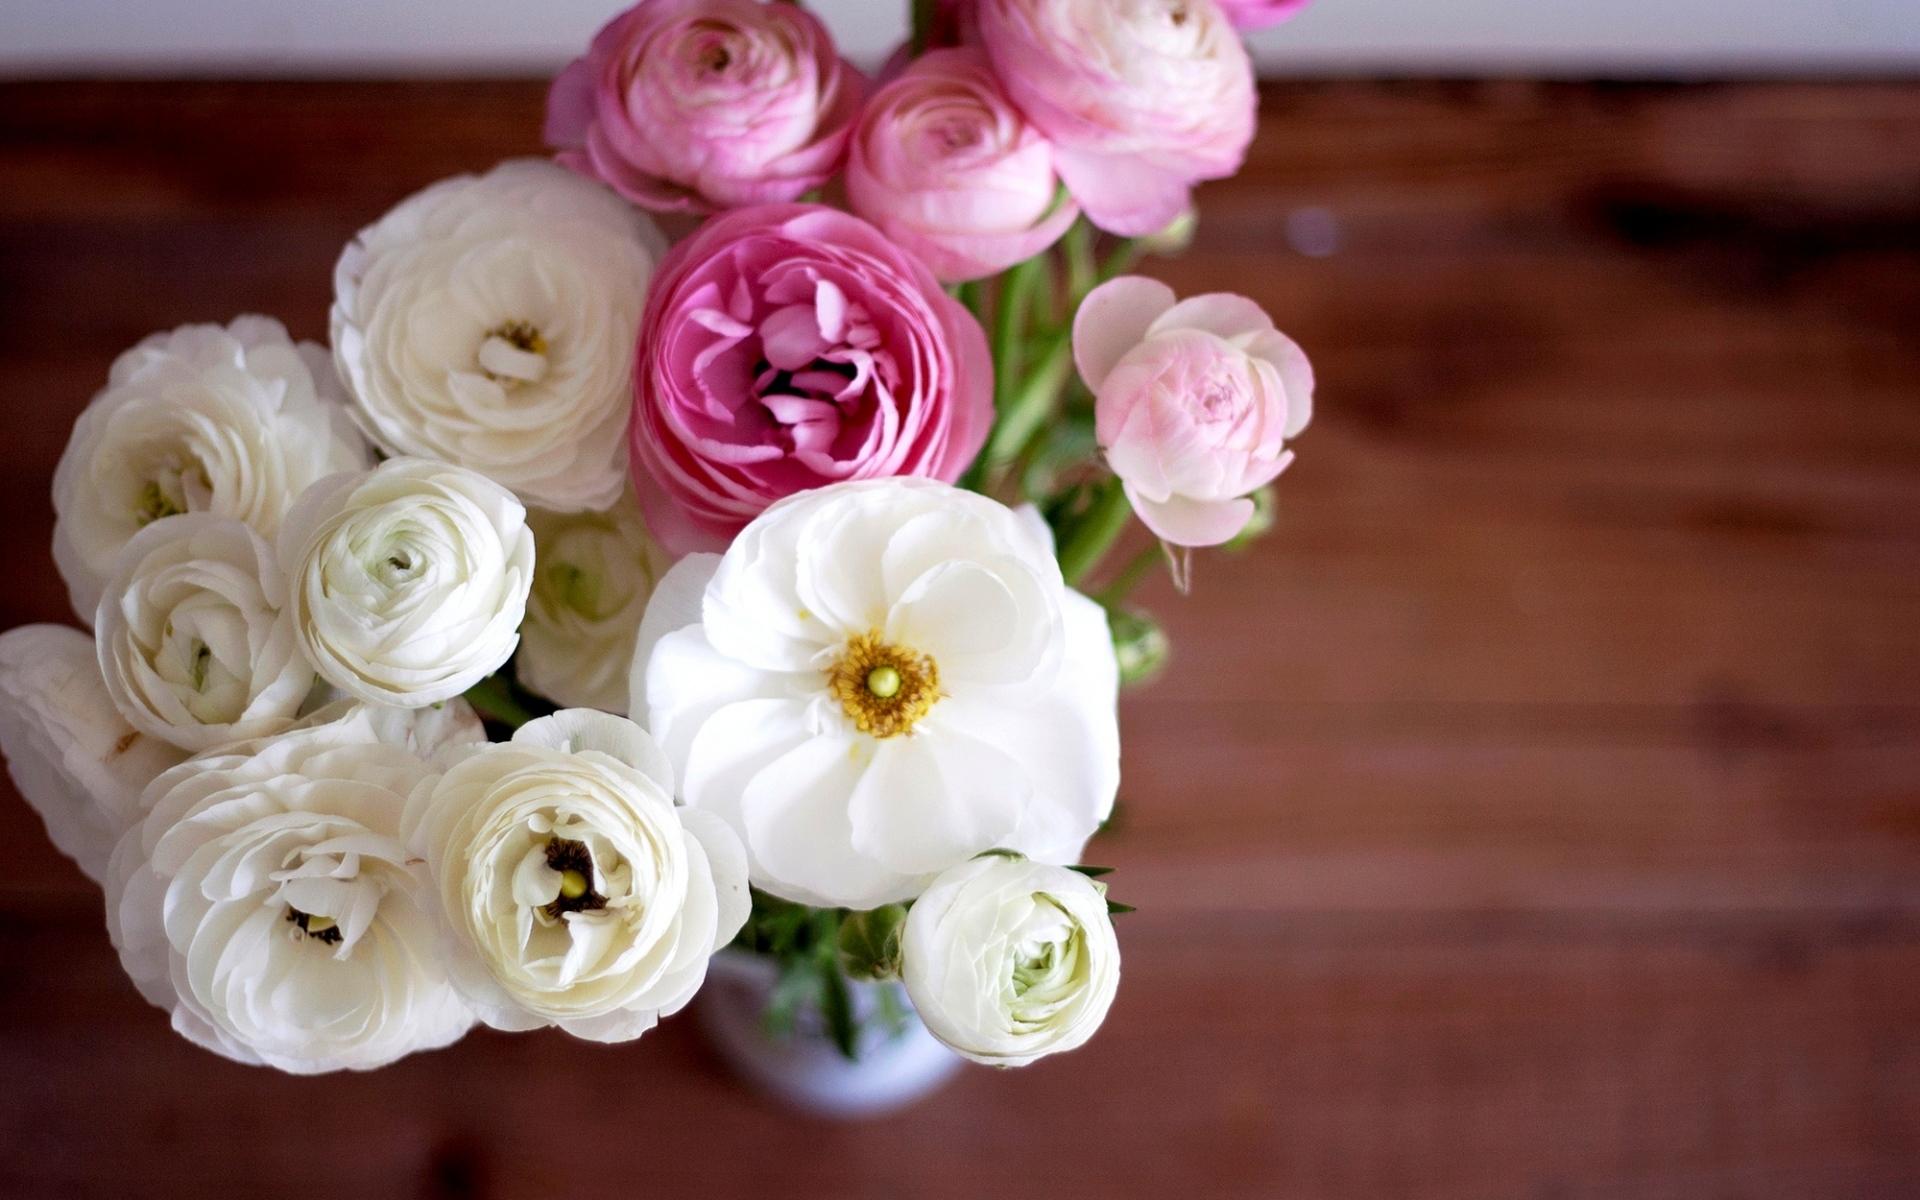 картинки на рабочий стол цветы лютики запросу купить